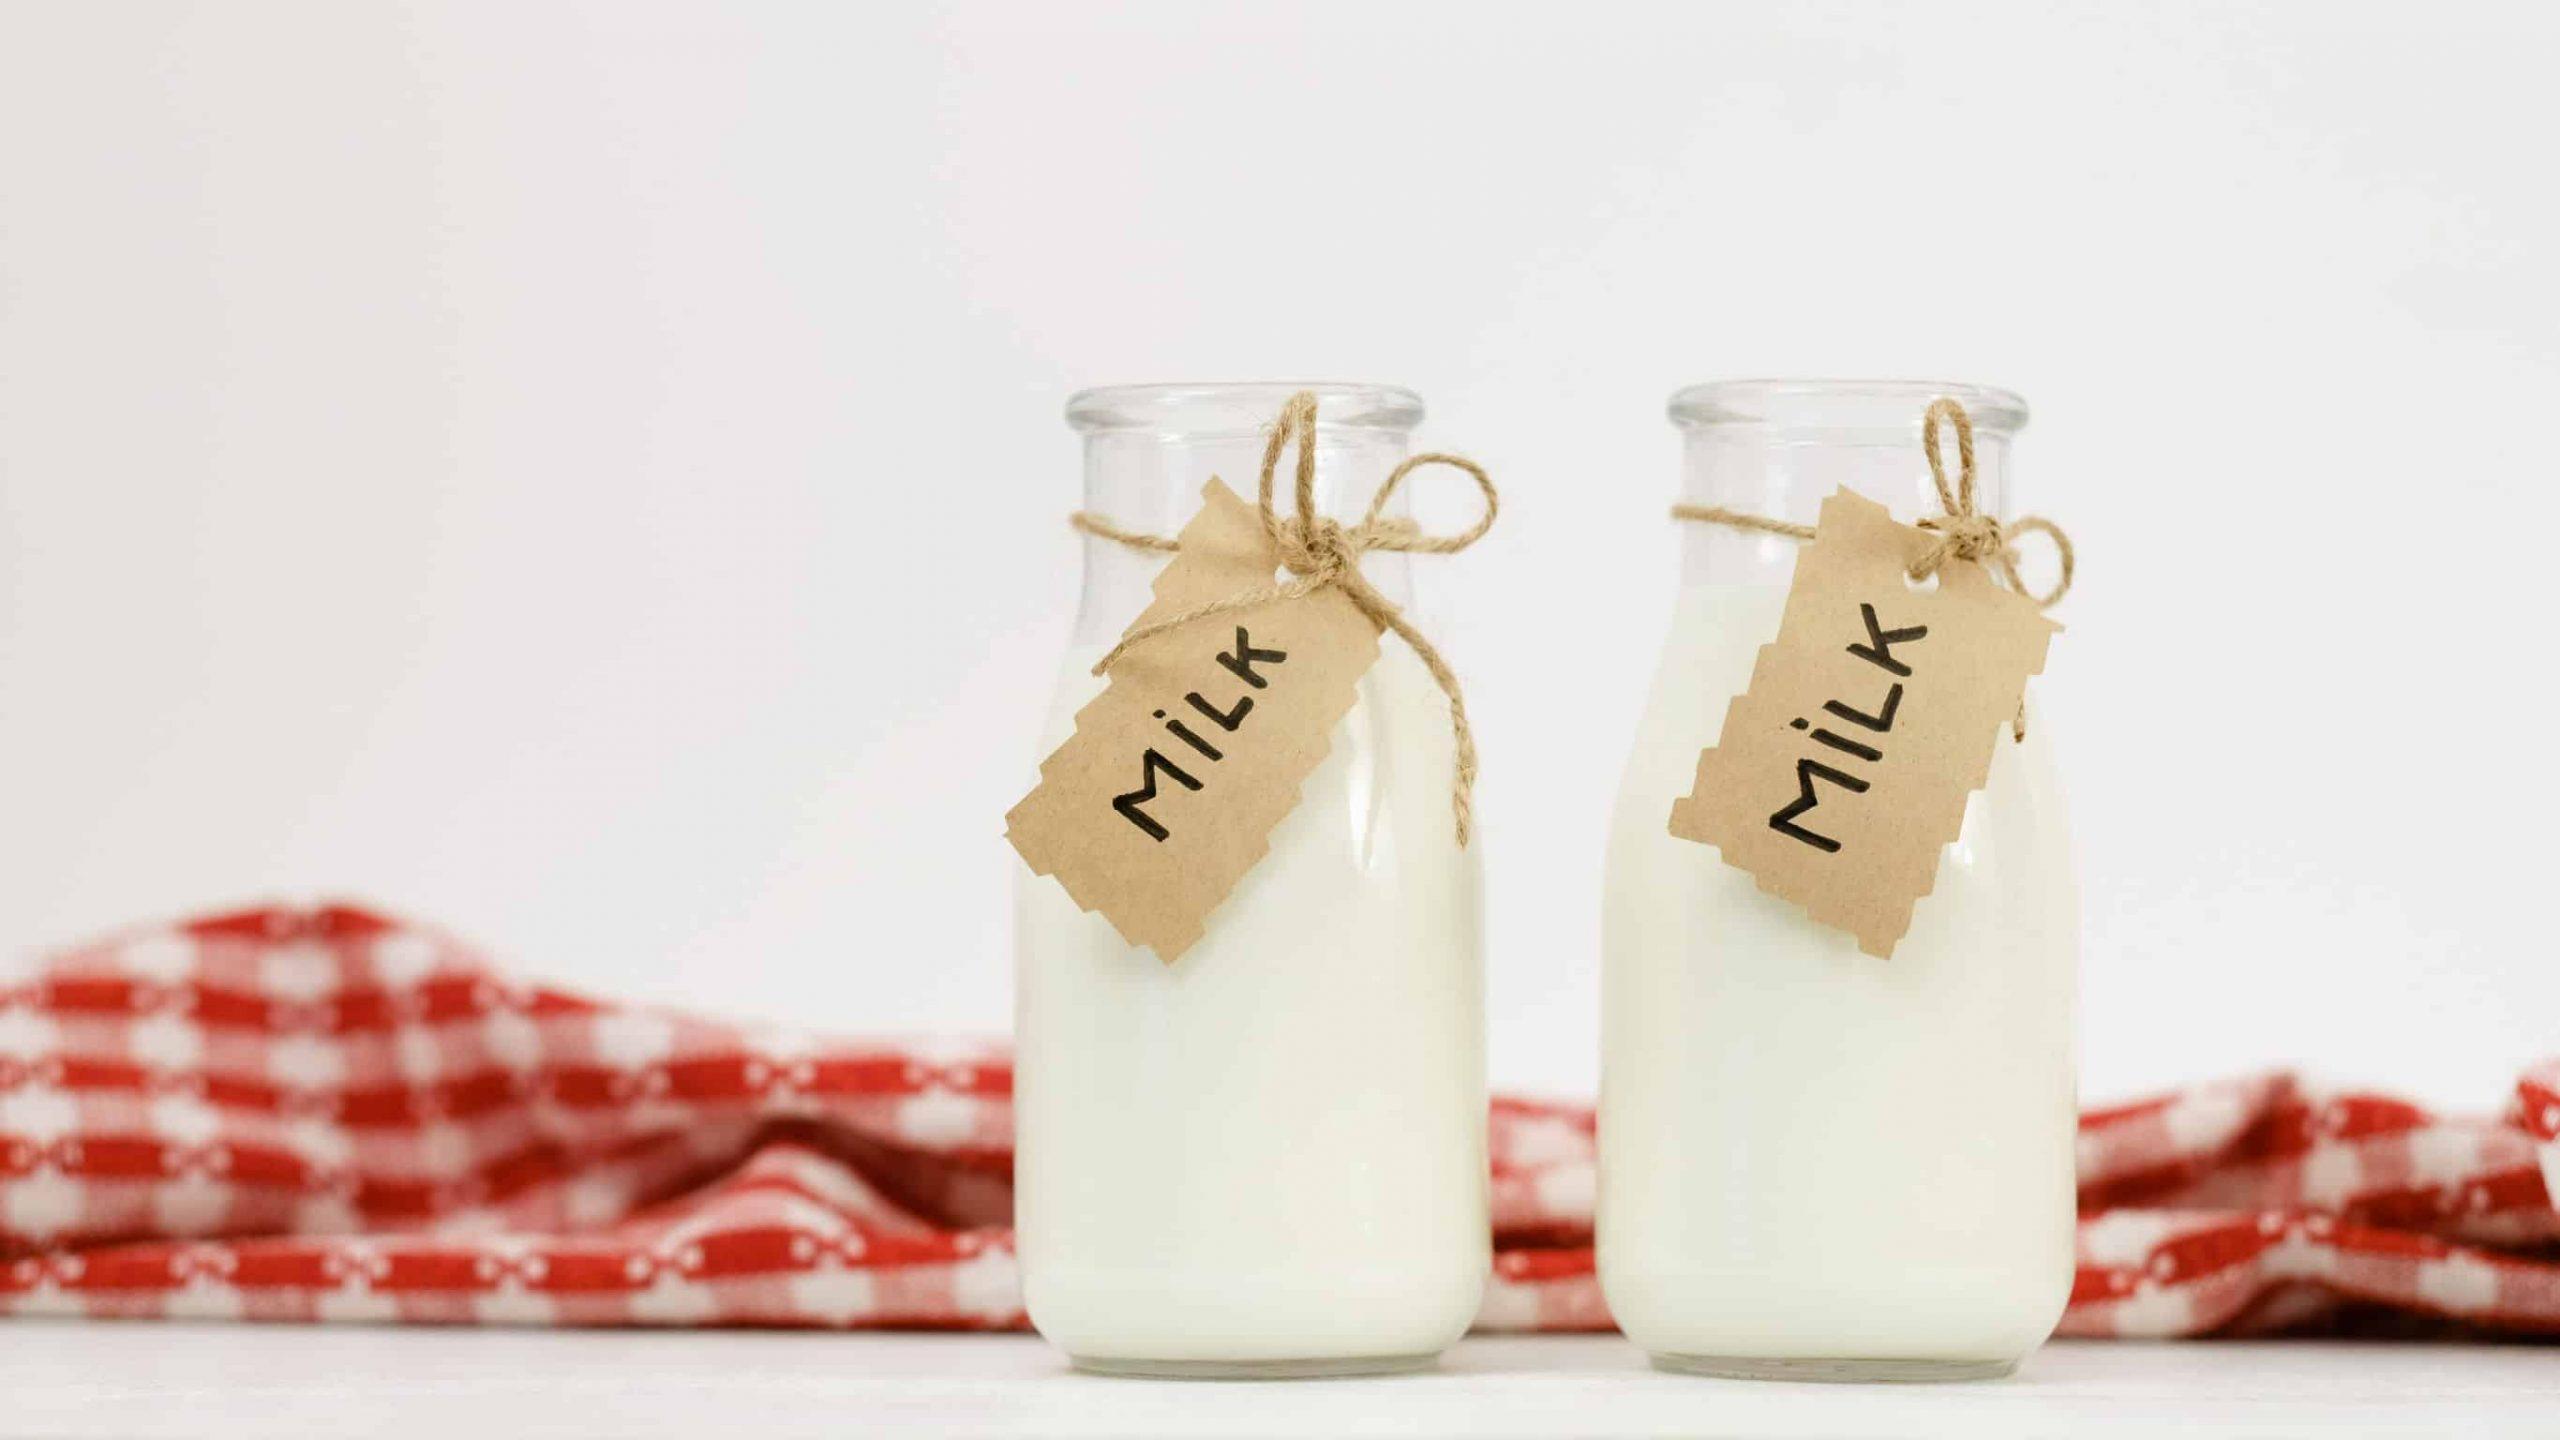 Laktosefreie Milch: Test & Empfehlungen (05/21)